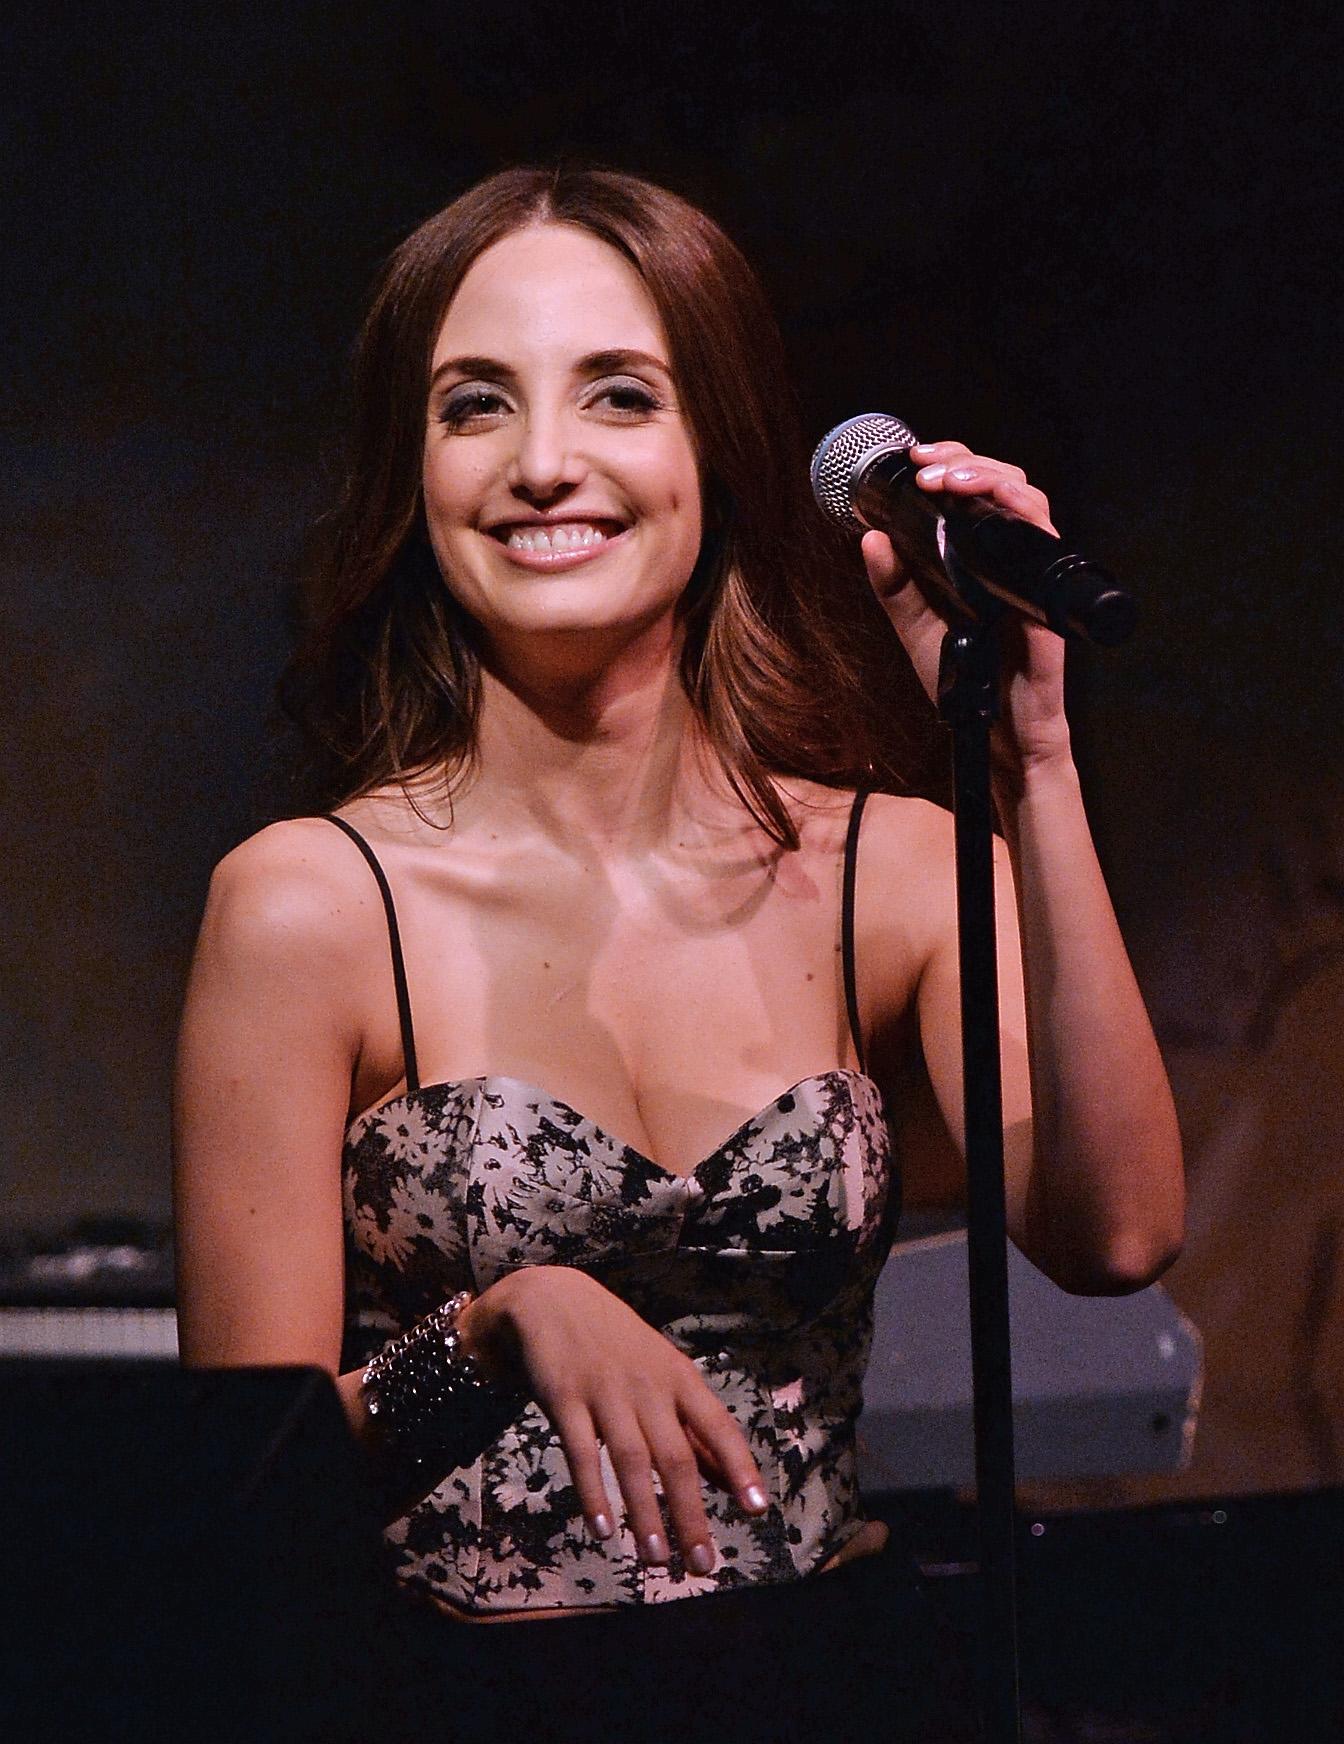 alexa-ray-joel-singing